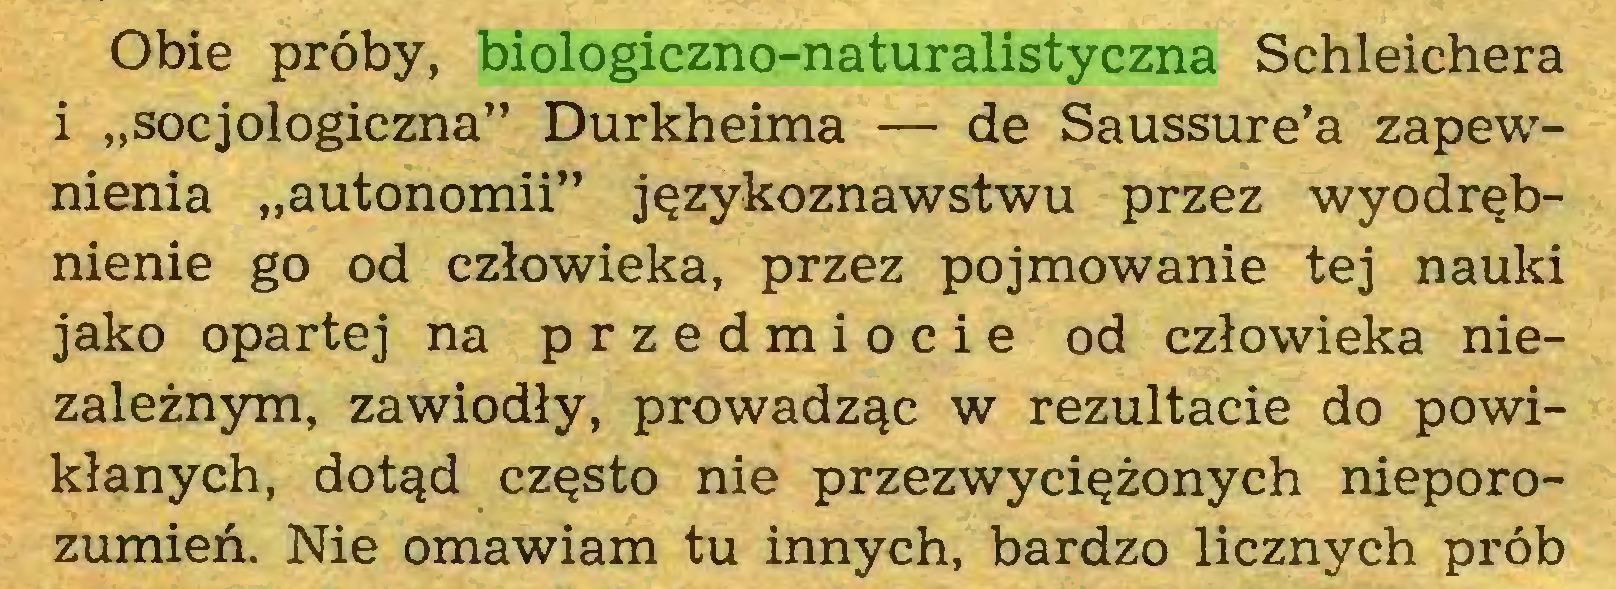 """(...) Obie próby, biologiczno-naturalistyczna Schleichera i """"socjologiczna"""" Durkheima — de Saussure'a zapewnienia """"autonomii"""" językoznawstwu przez wyodrębnienie go od człowieka, przez pojmowanie tej nauki jako opartej na przedmiocie od człowieka niezależnym, zawiodły, prowadząc w rezultacie do powikłanych, dotąd często nie przezwyciężonych nieporozumień. Nie omawiam tu innych, bardzo licznych prób..."""